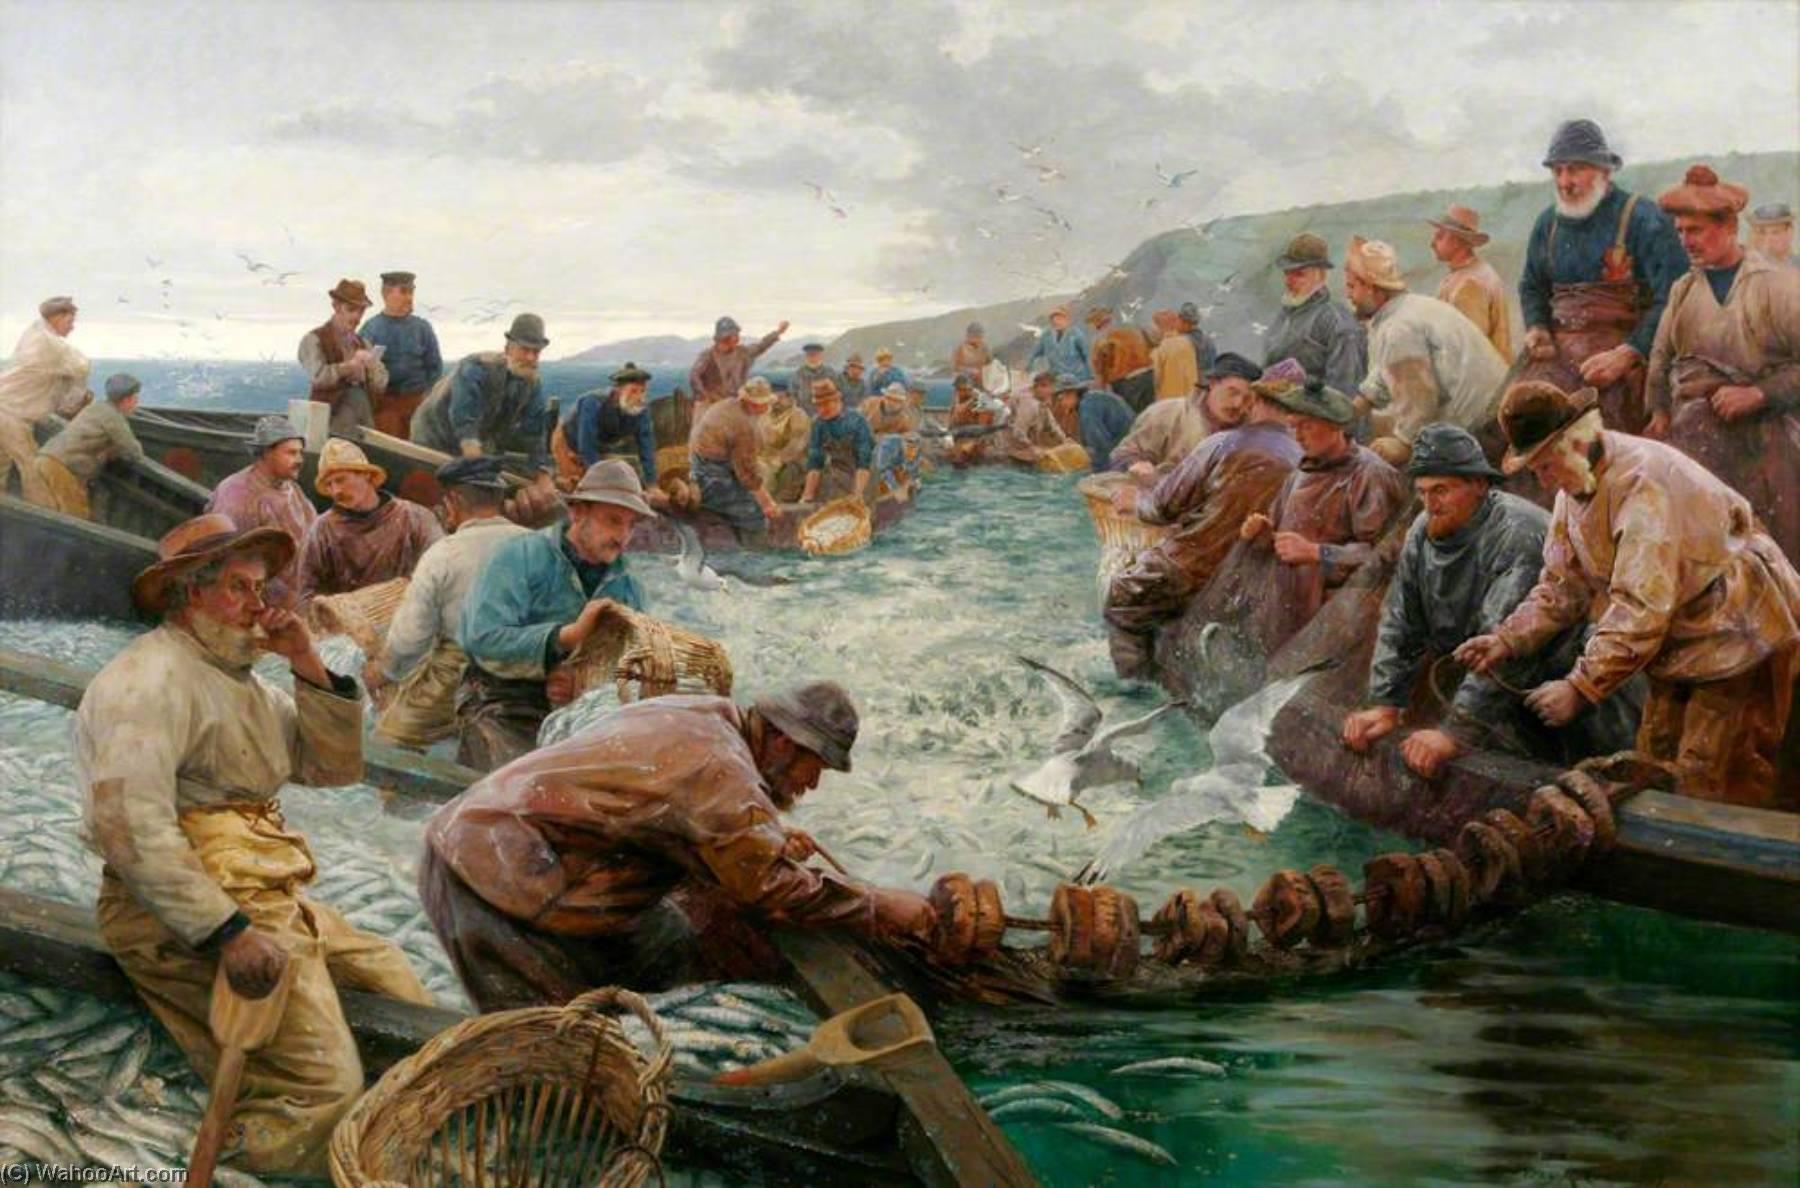 парочка картинка охота и рыболовство на руси многих современных рисунках